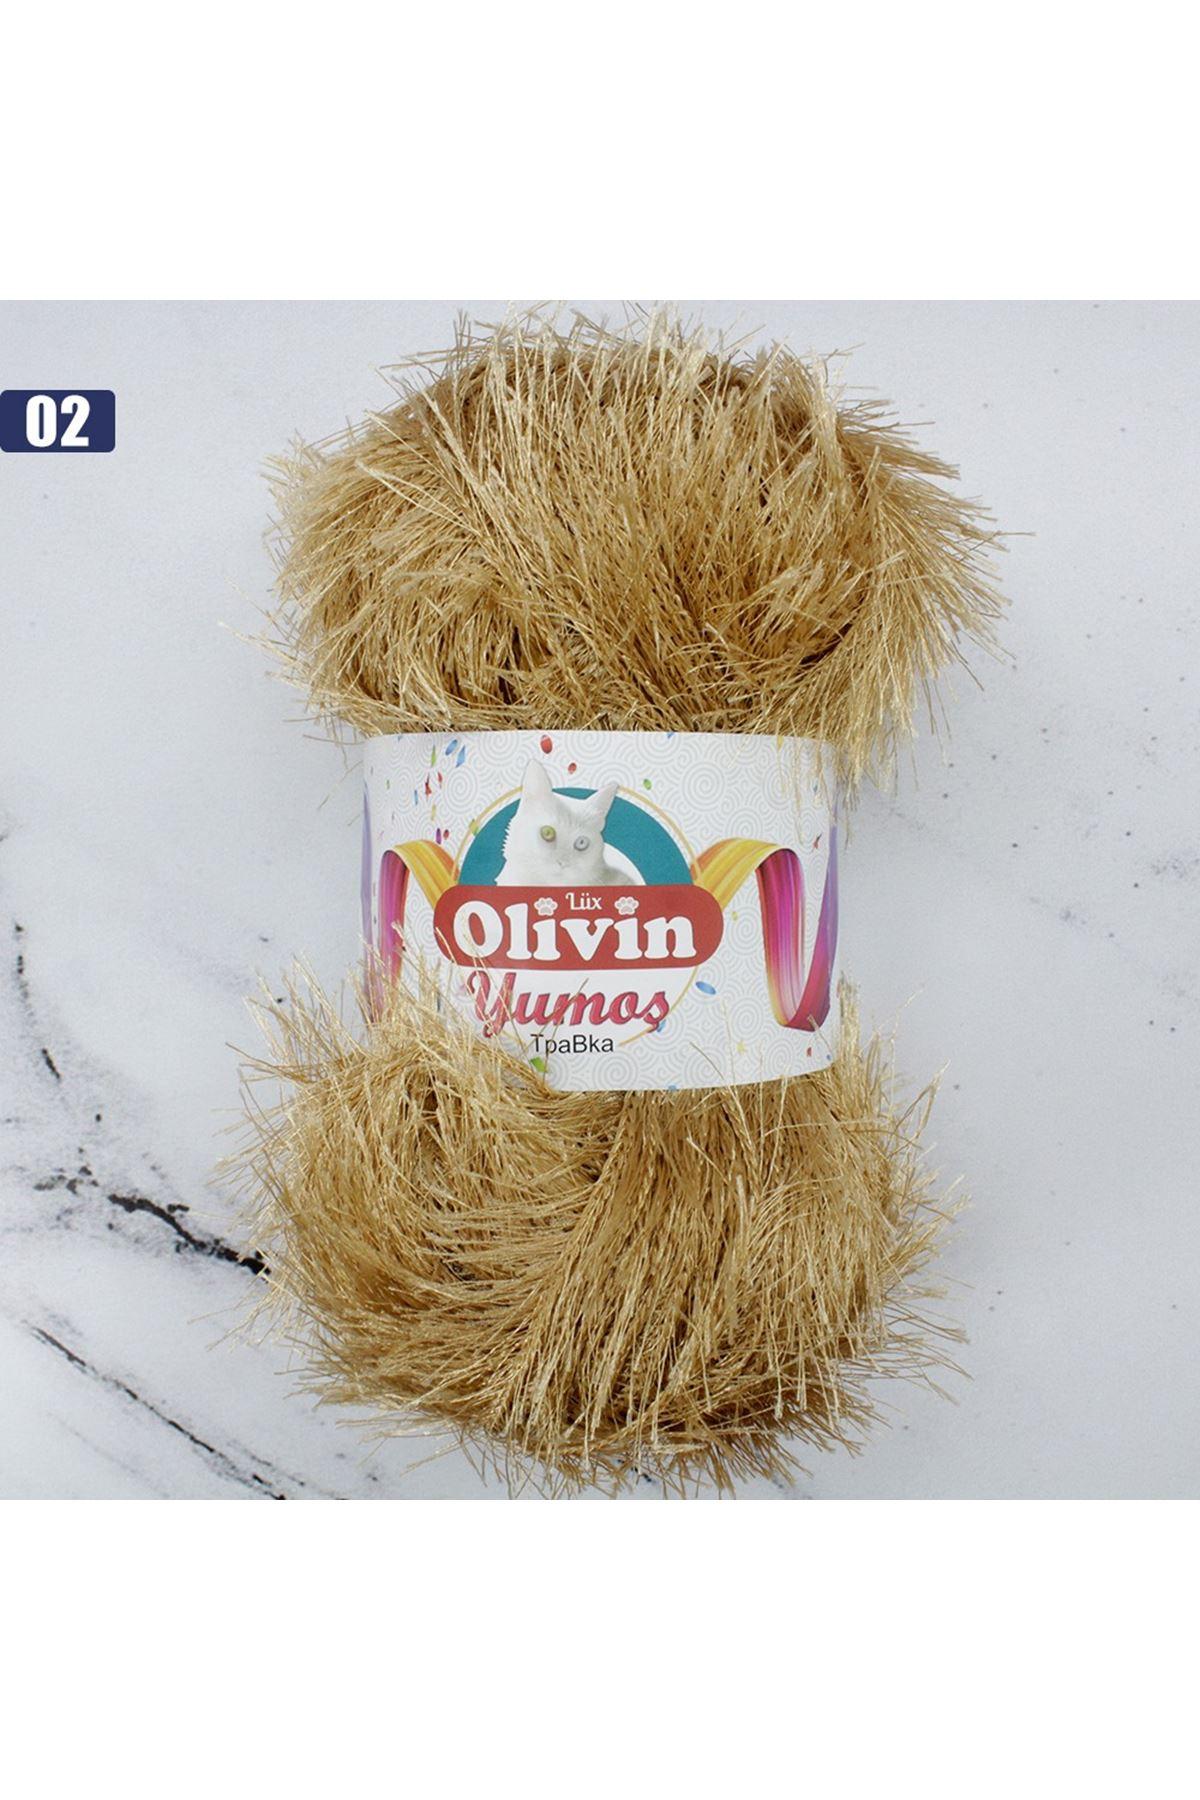 Olivin Yumoş 02